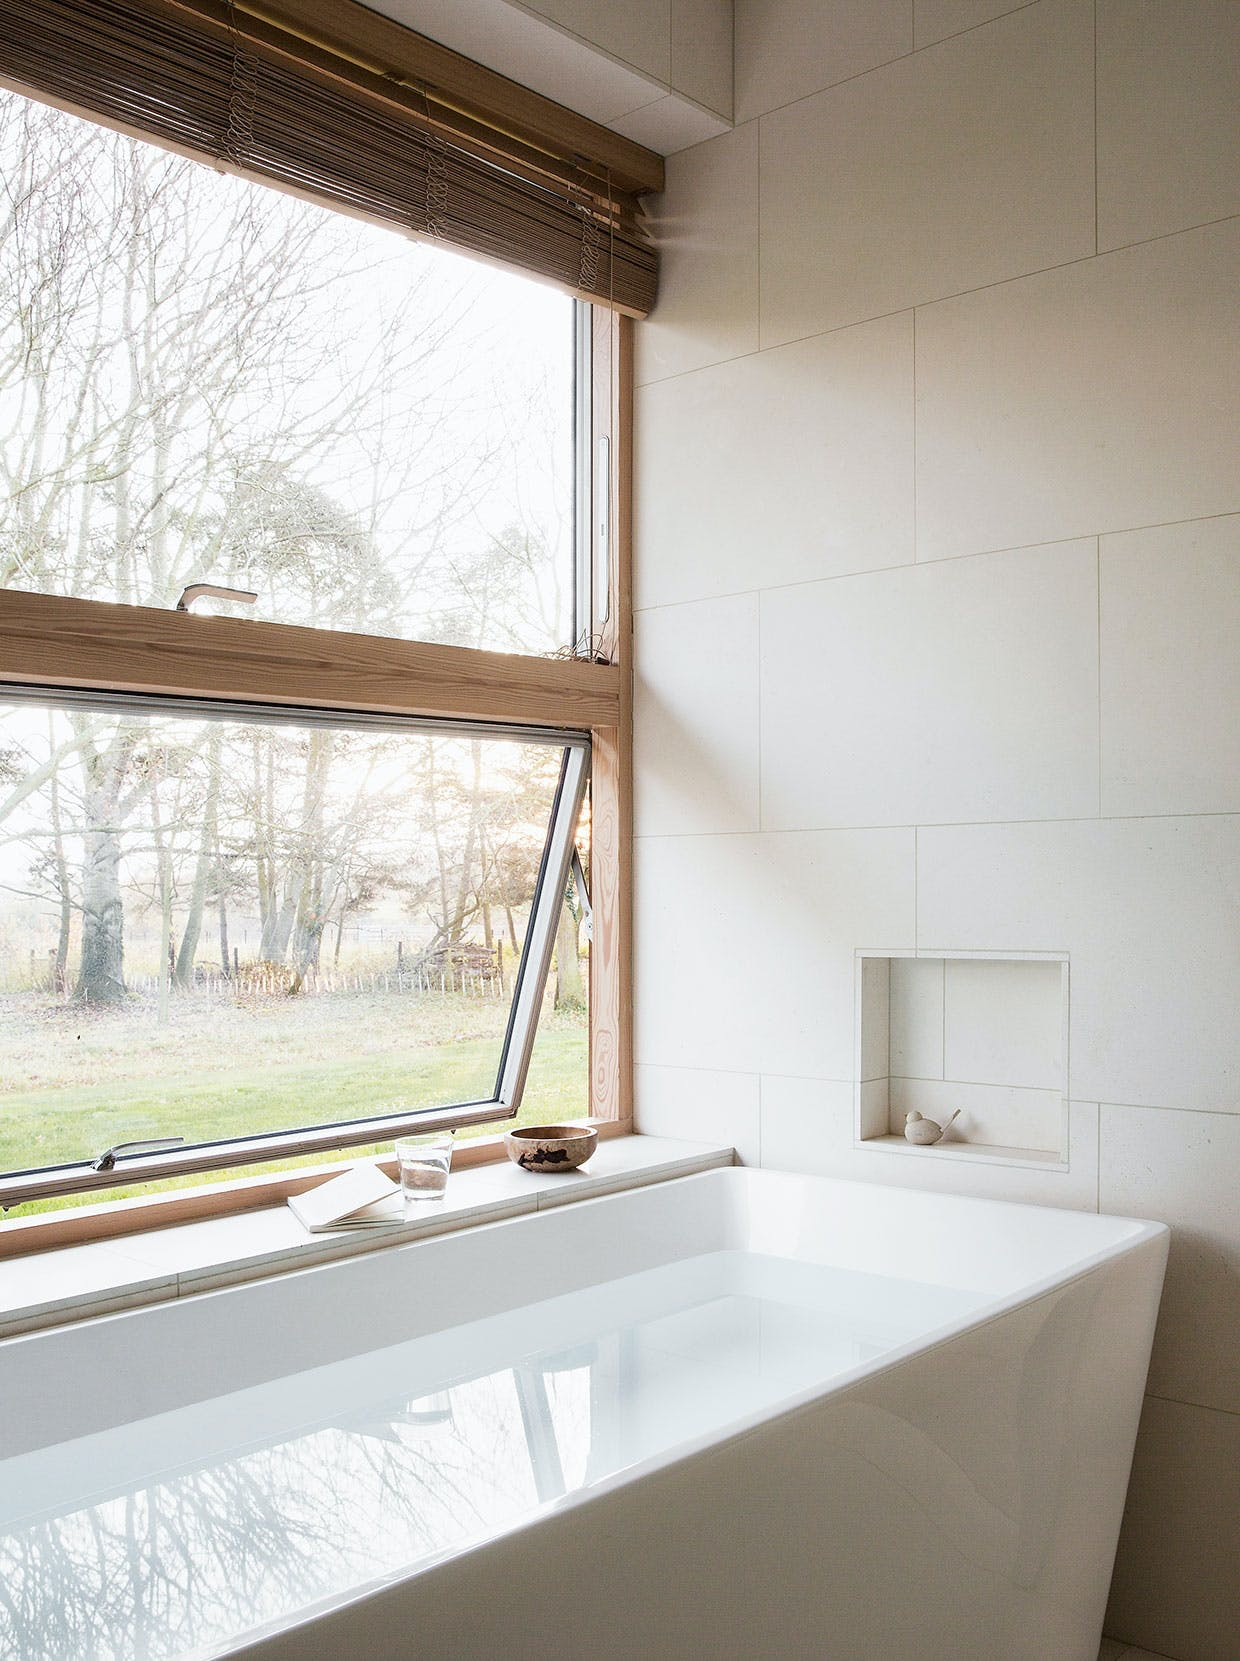 badekar badeværelse udsigt minimalisme